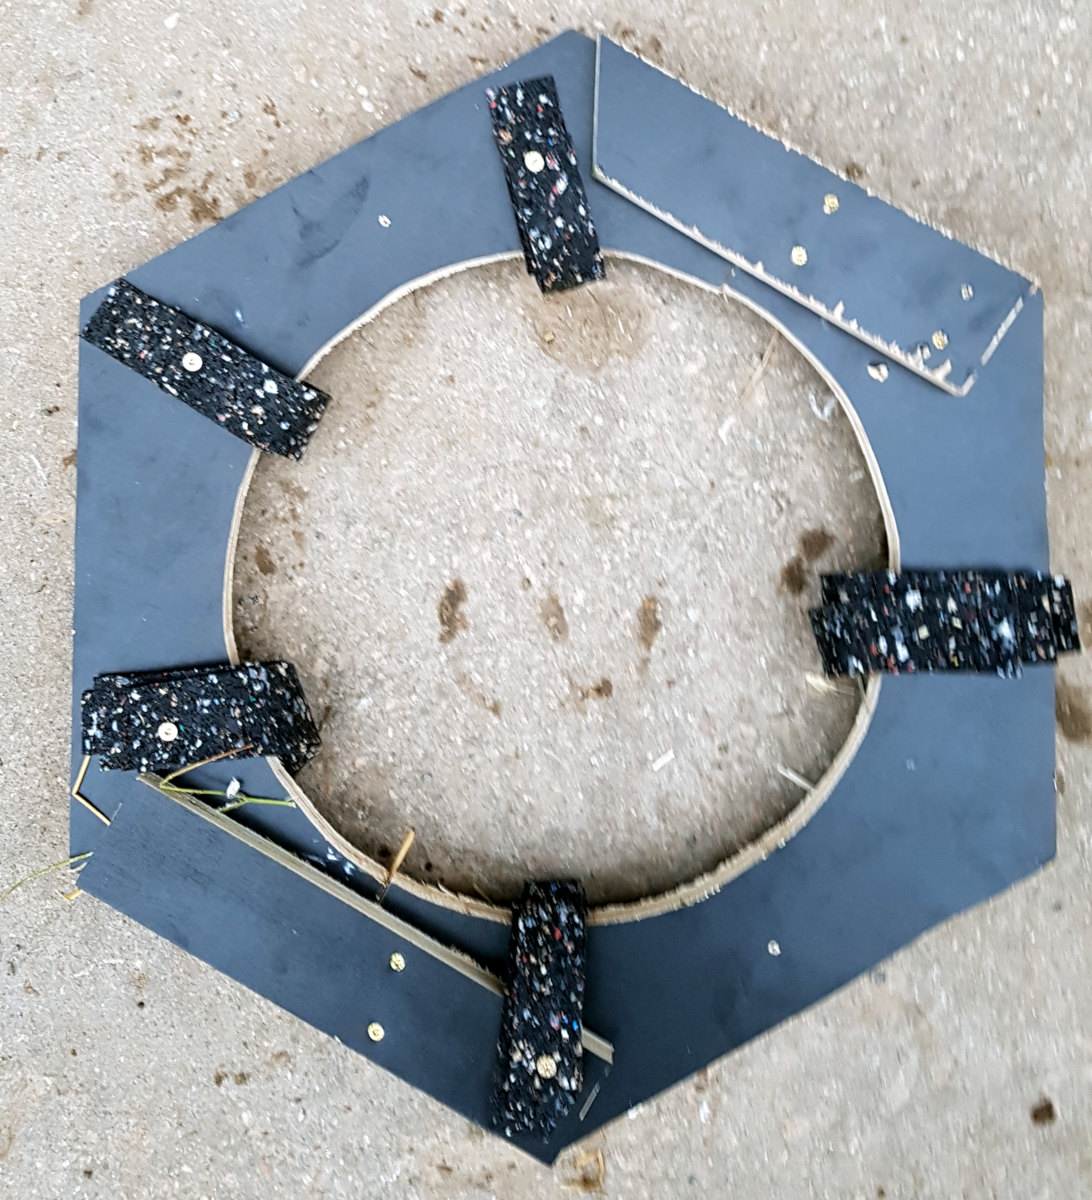 Auf sechs Seiten sollen die Bretter mit einer ungefähren Breite von 30 Zentimeter angebracht werden.